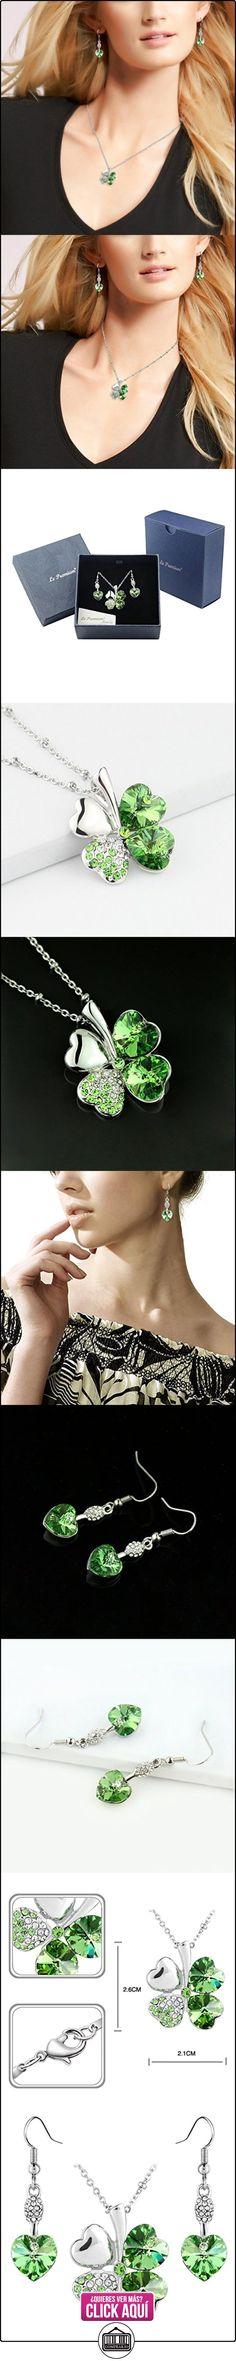 Le Premium® joyería Set colgante Trébol collar + Pendiente pendiente en forma de corazón de SWAROVSKI peridoto cristales verdes  ✿ Joyas para mujer - Las mejores ofertas ✿ ▬► Ver oferta: https://comprar.io/goto/B006X8HNU8